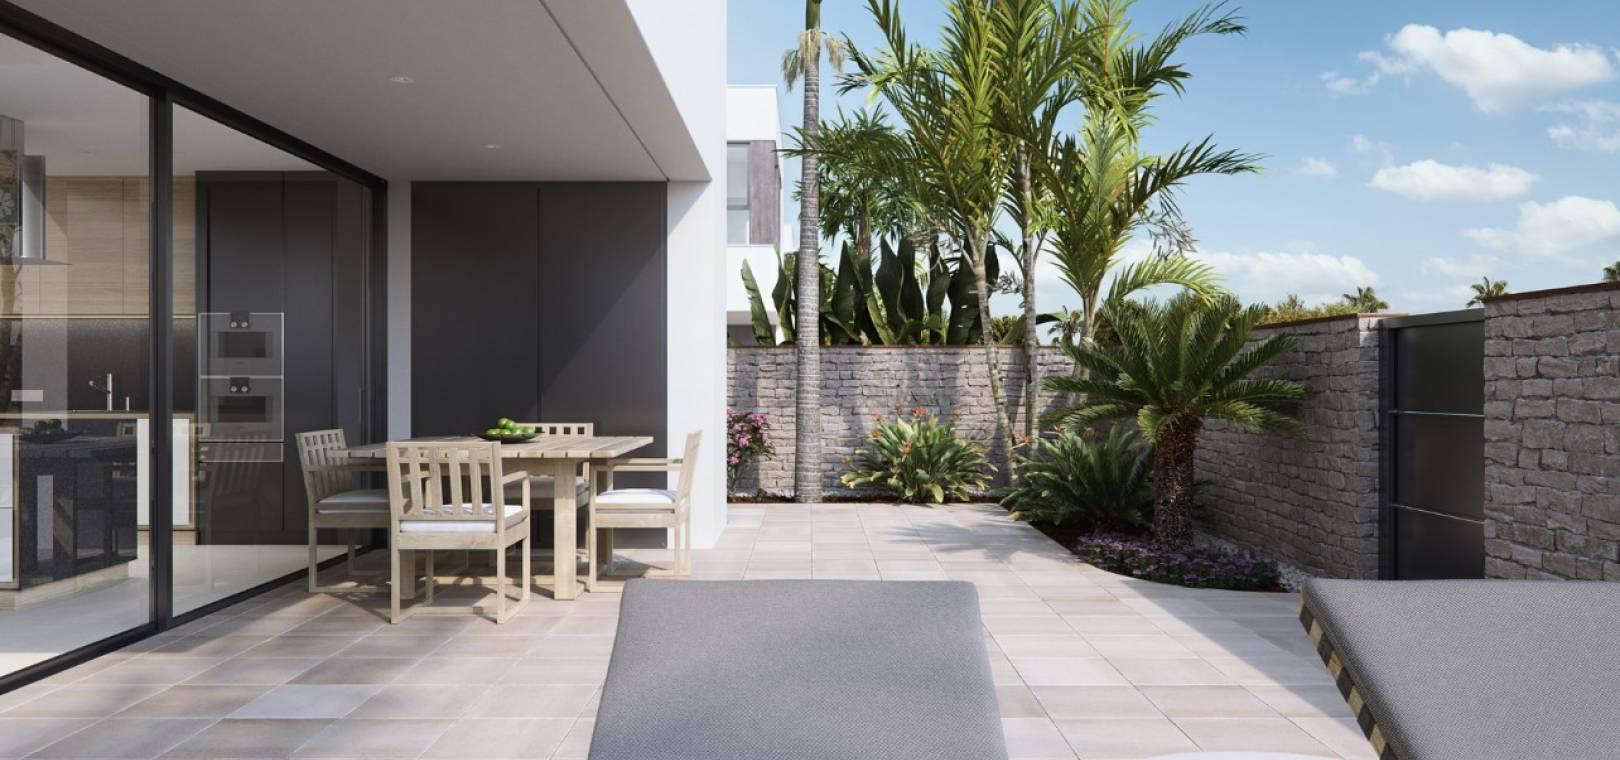 Torre_de_la_Horadada_New_Build_Luxury_Villas_For_Sale_nsp257_13